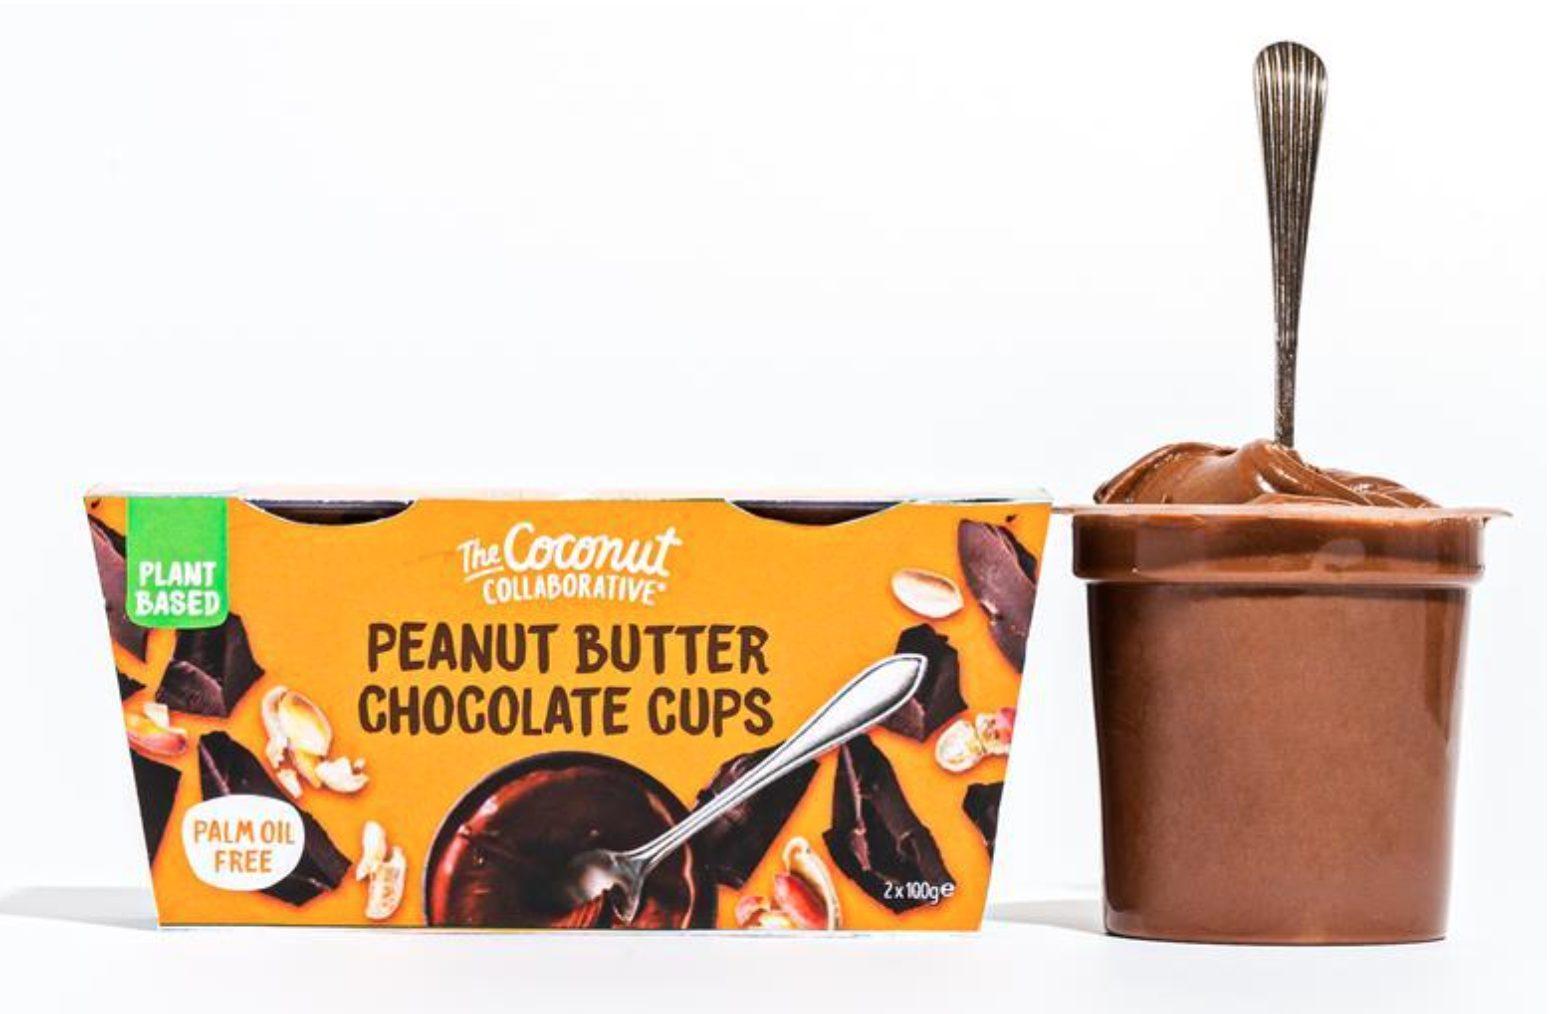 Capture decran 2021 05 17 a 09.51.04 - The Coconut Collaborative sort des desserts en pot au chocolat et beurre de cacahuètes